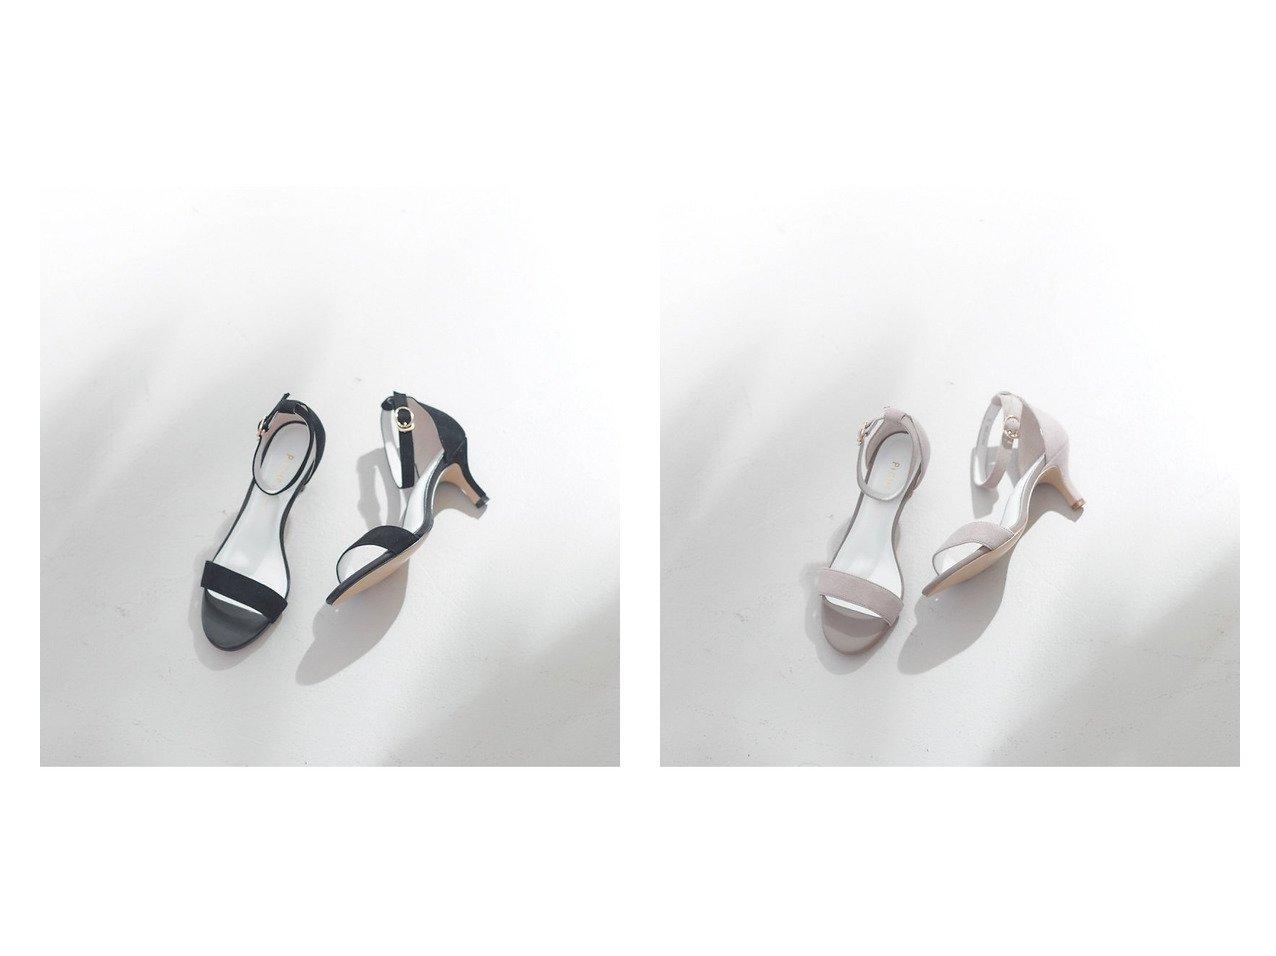 【Piche Abahouse/ピシェ アバハウス】のシンプルアンクルストラップサンダル 【シューズ・靴】おすすめ!人気、トレンド・レディースファッションの通販 おすすめで人気の流行・トレンド、ファッションの通販商品 インテリア・家具・メンズファッション・キッズファッション・レディースファッション・服の通販 founy(ファニー) https://founy.com/ ファッション Fashion レディースファッション WOMEN おすすめ Recommend クッション サンダル シューズ パープル フィット ミュール |ID:crp329100000045531